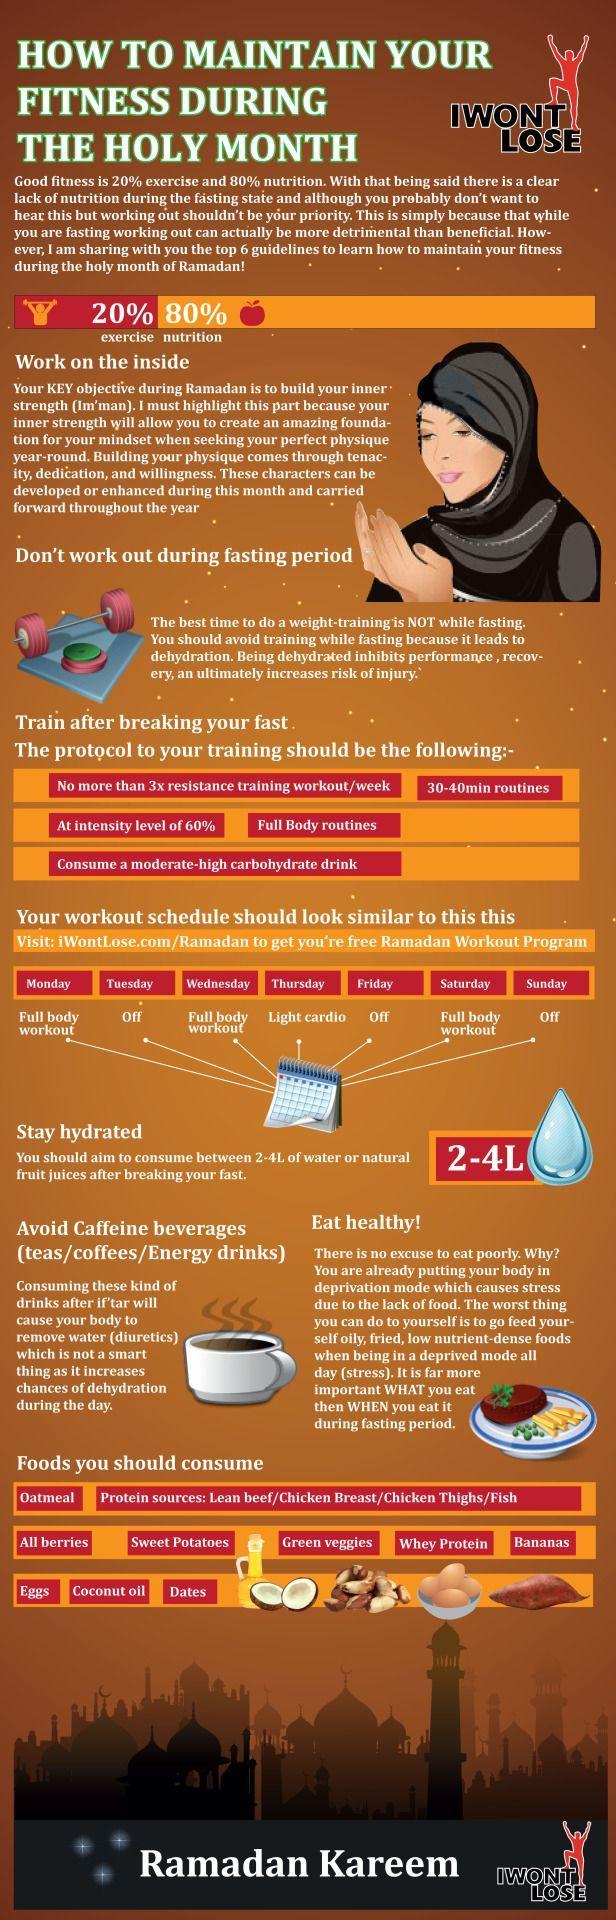 How to Maintain Your Fitness During Ramadanhttp://www.iwontlose.com/ramadan  Ramadan Kareem